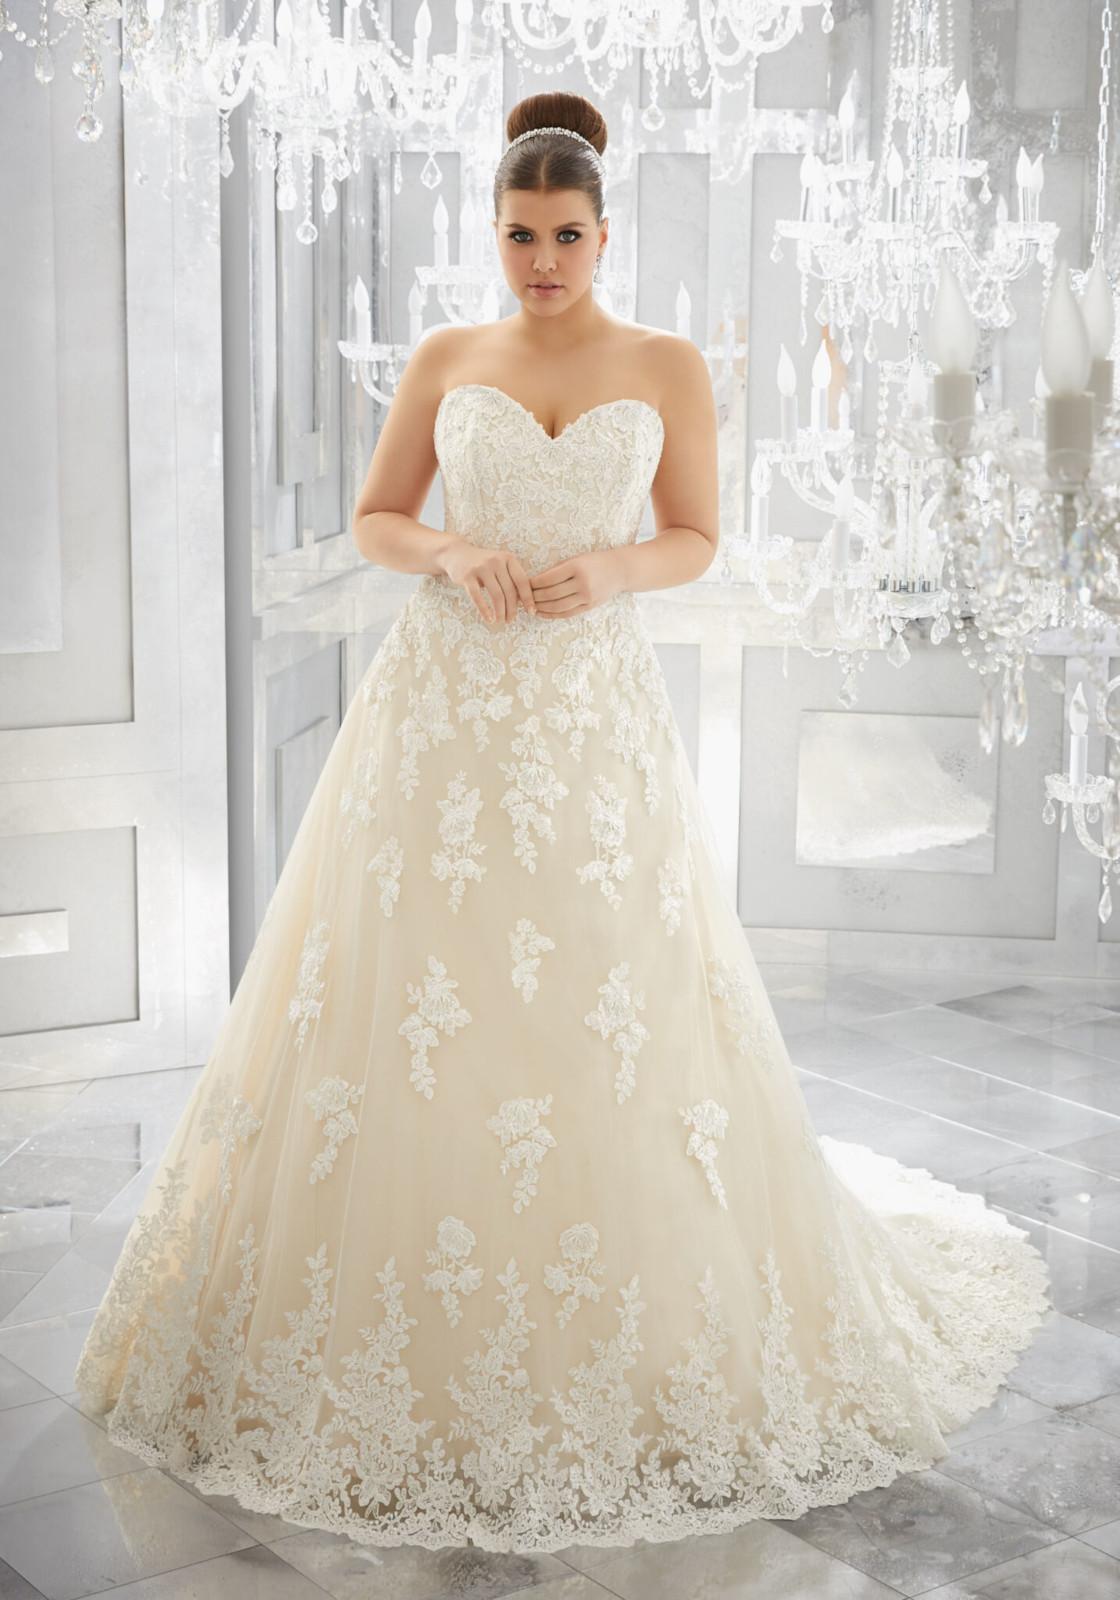 Νυφικό Φόρεμα, Morilee .Plus Size,Στράπλες, από Δαντέλα, Style. 3226